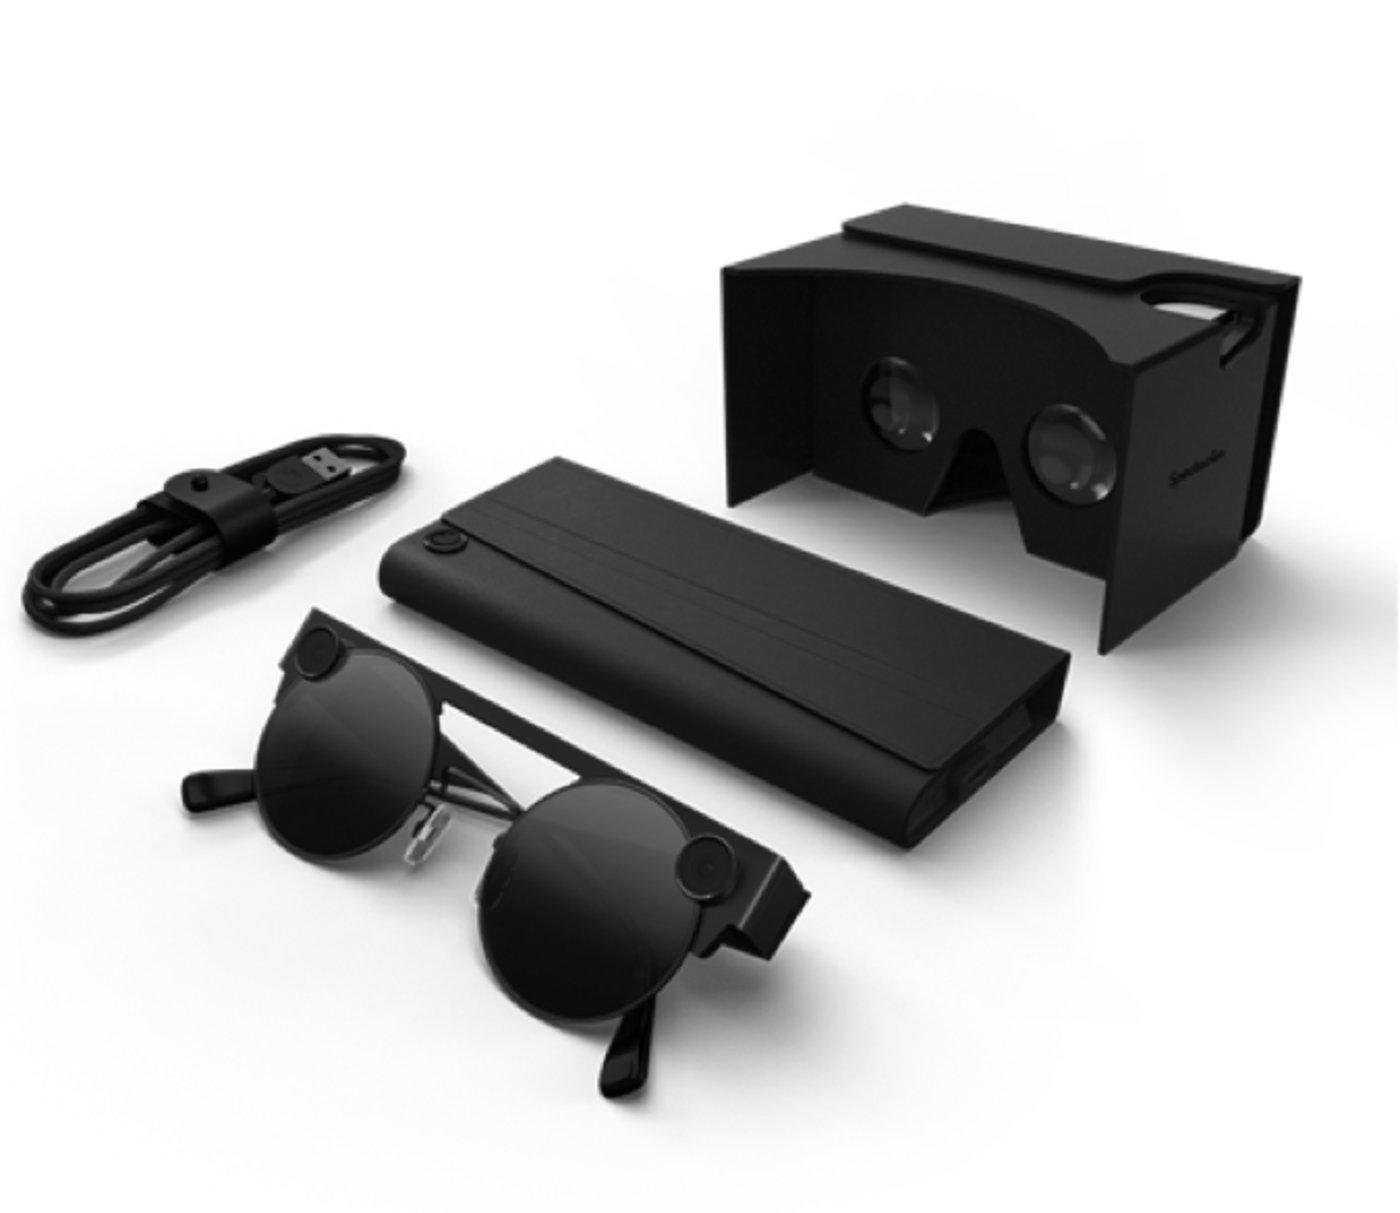 眼镜配有折叠式充电盒以及3-D查看器